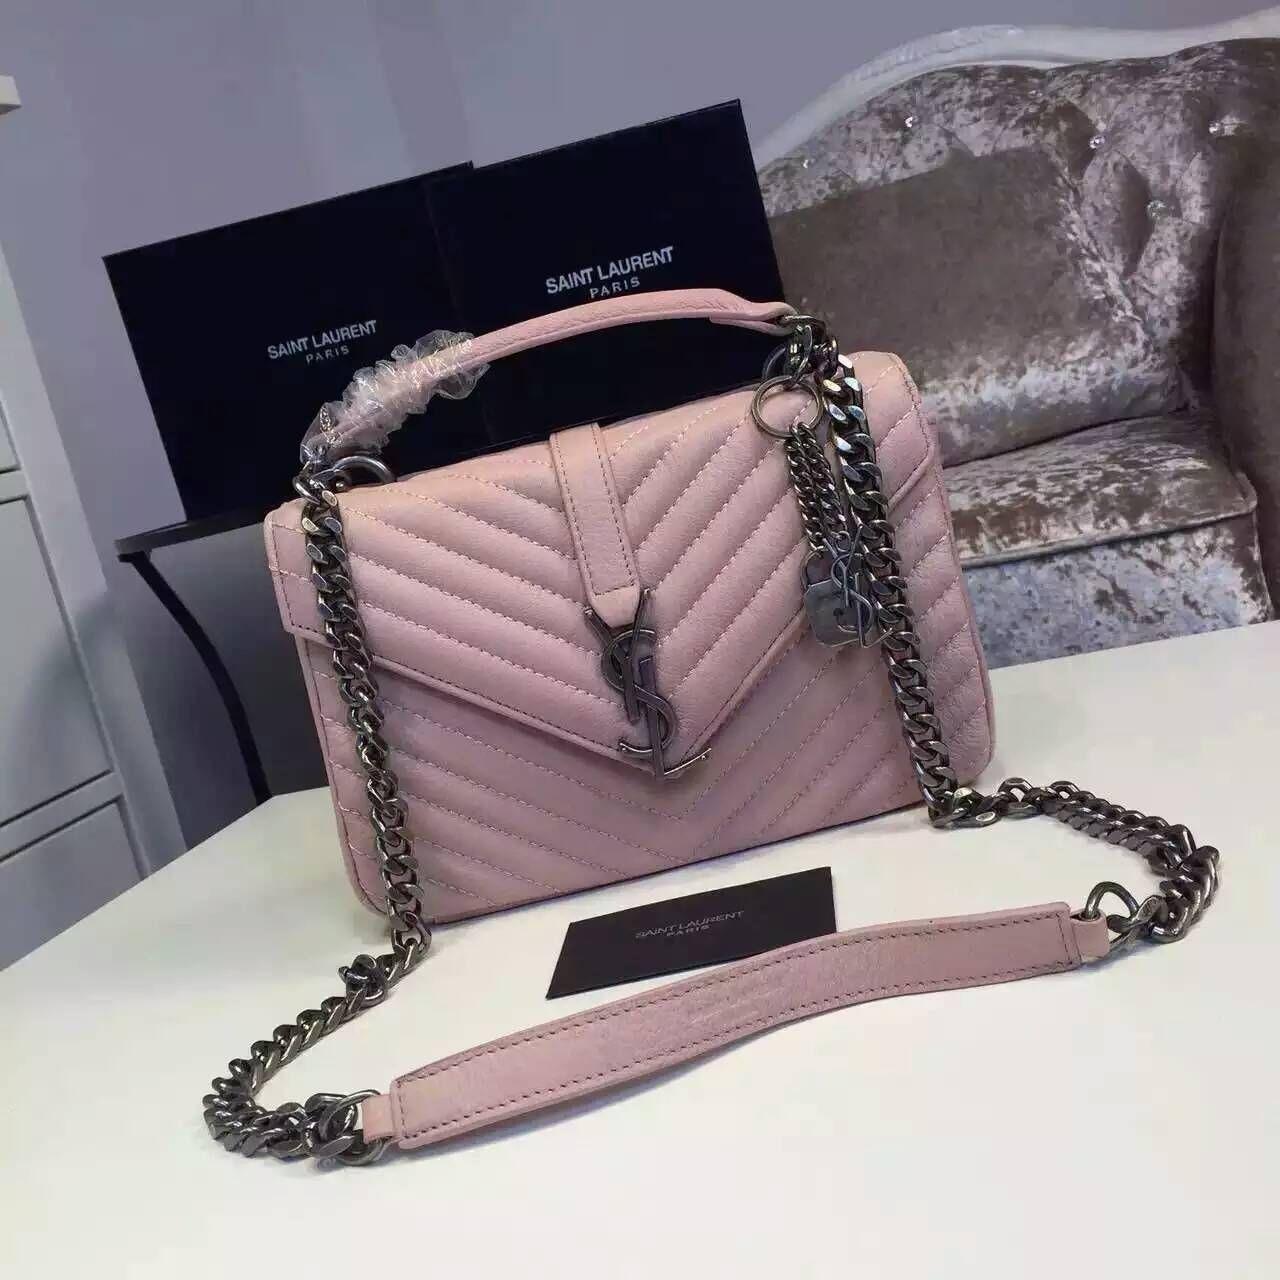 2016 New Saint Laurent Bag Cheap Sale Saint Laurent